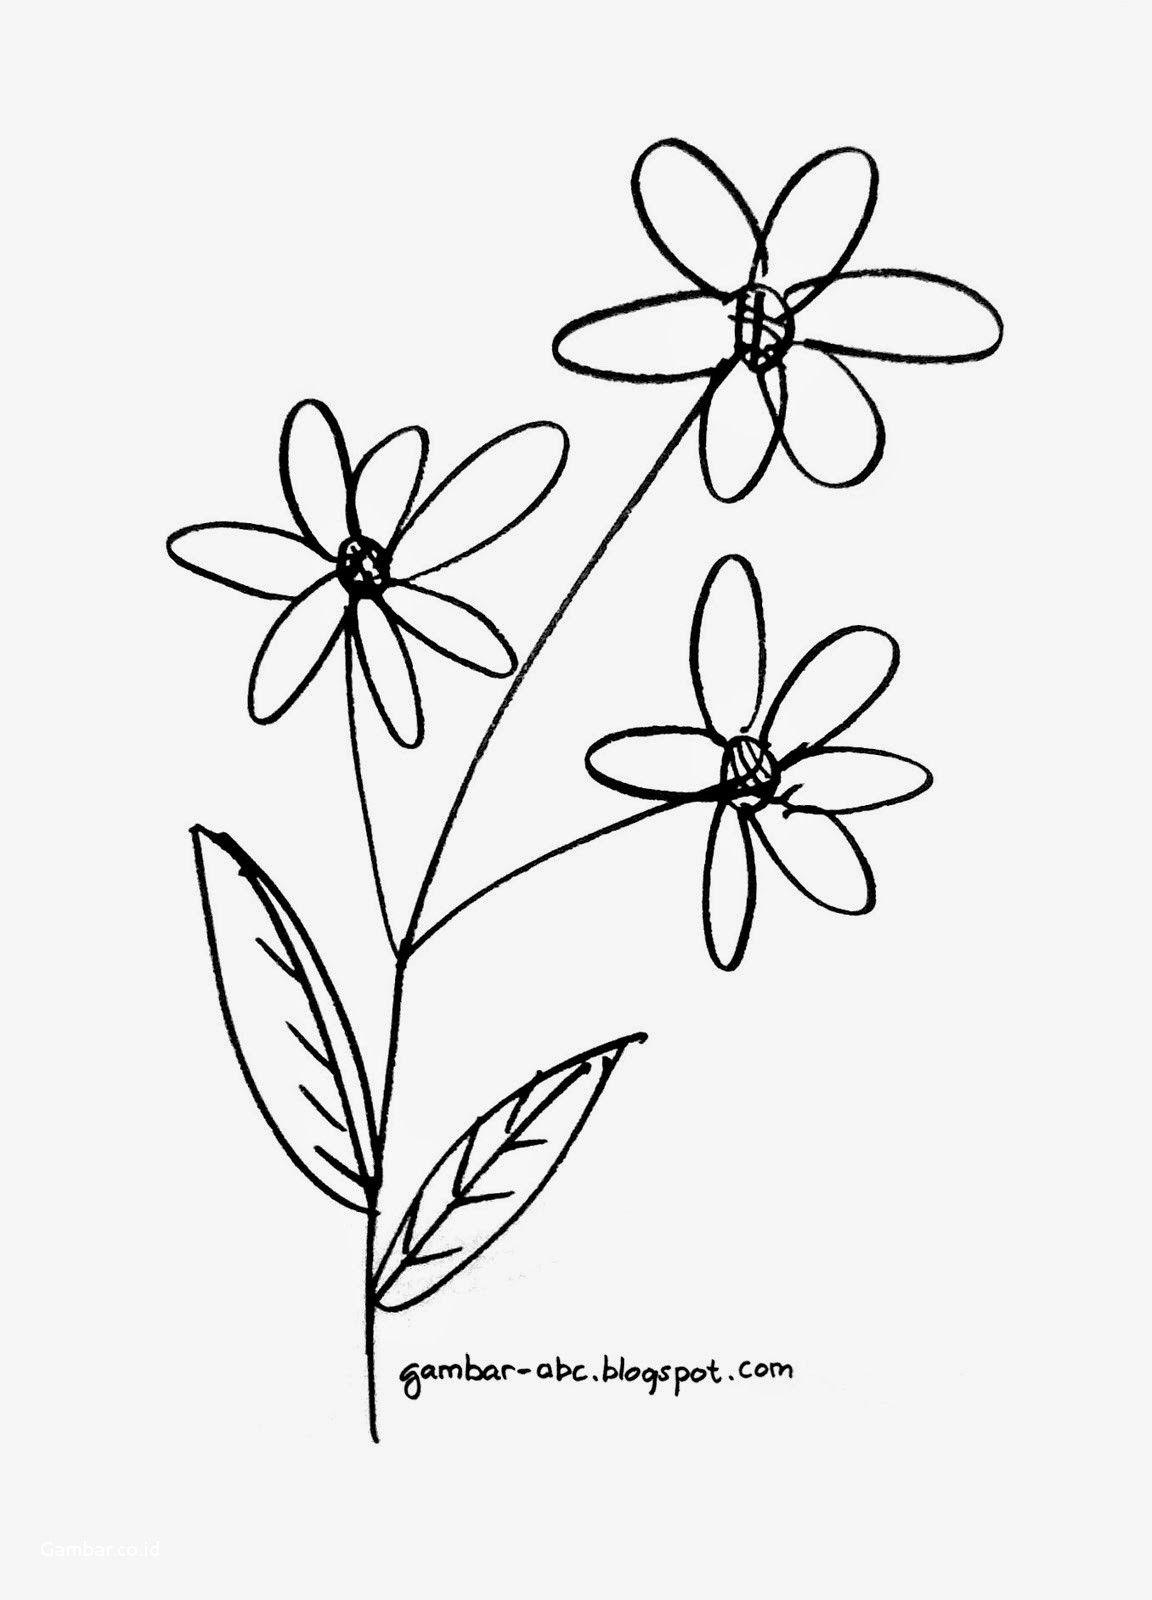 Koleksi Gambar Sketsa Bunga Yang Mudah Digambar